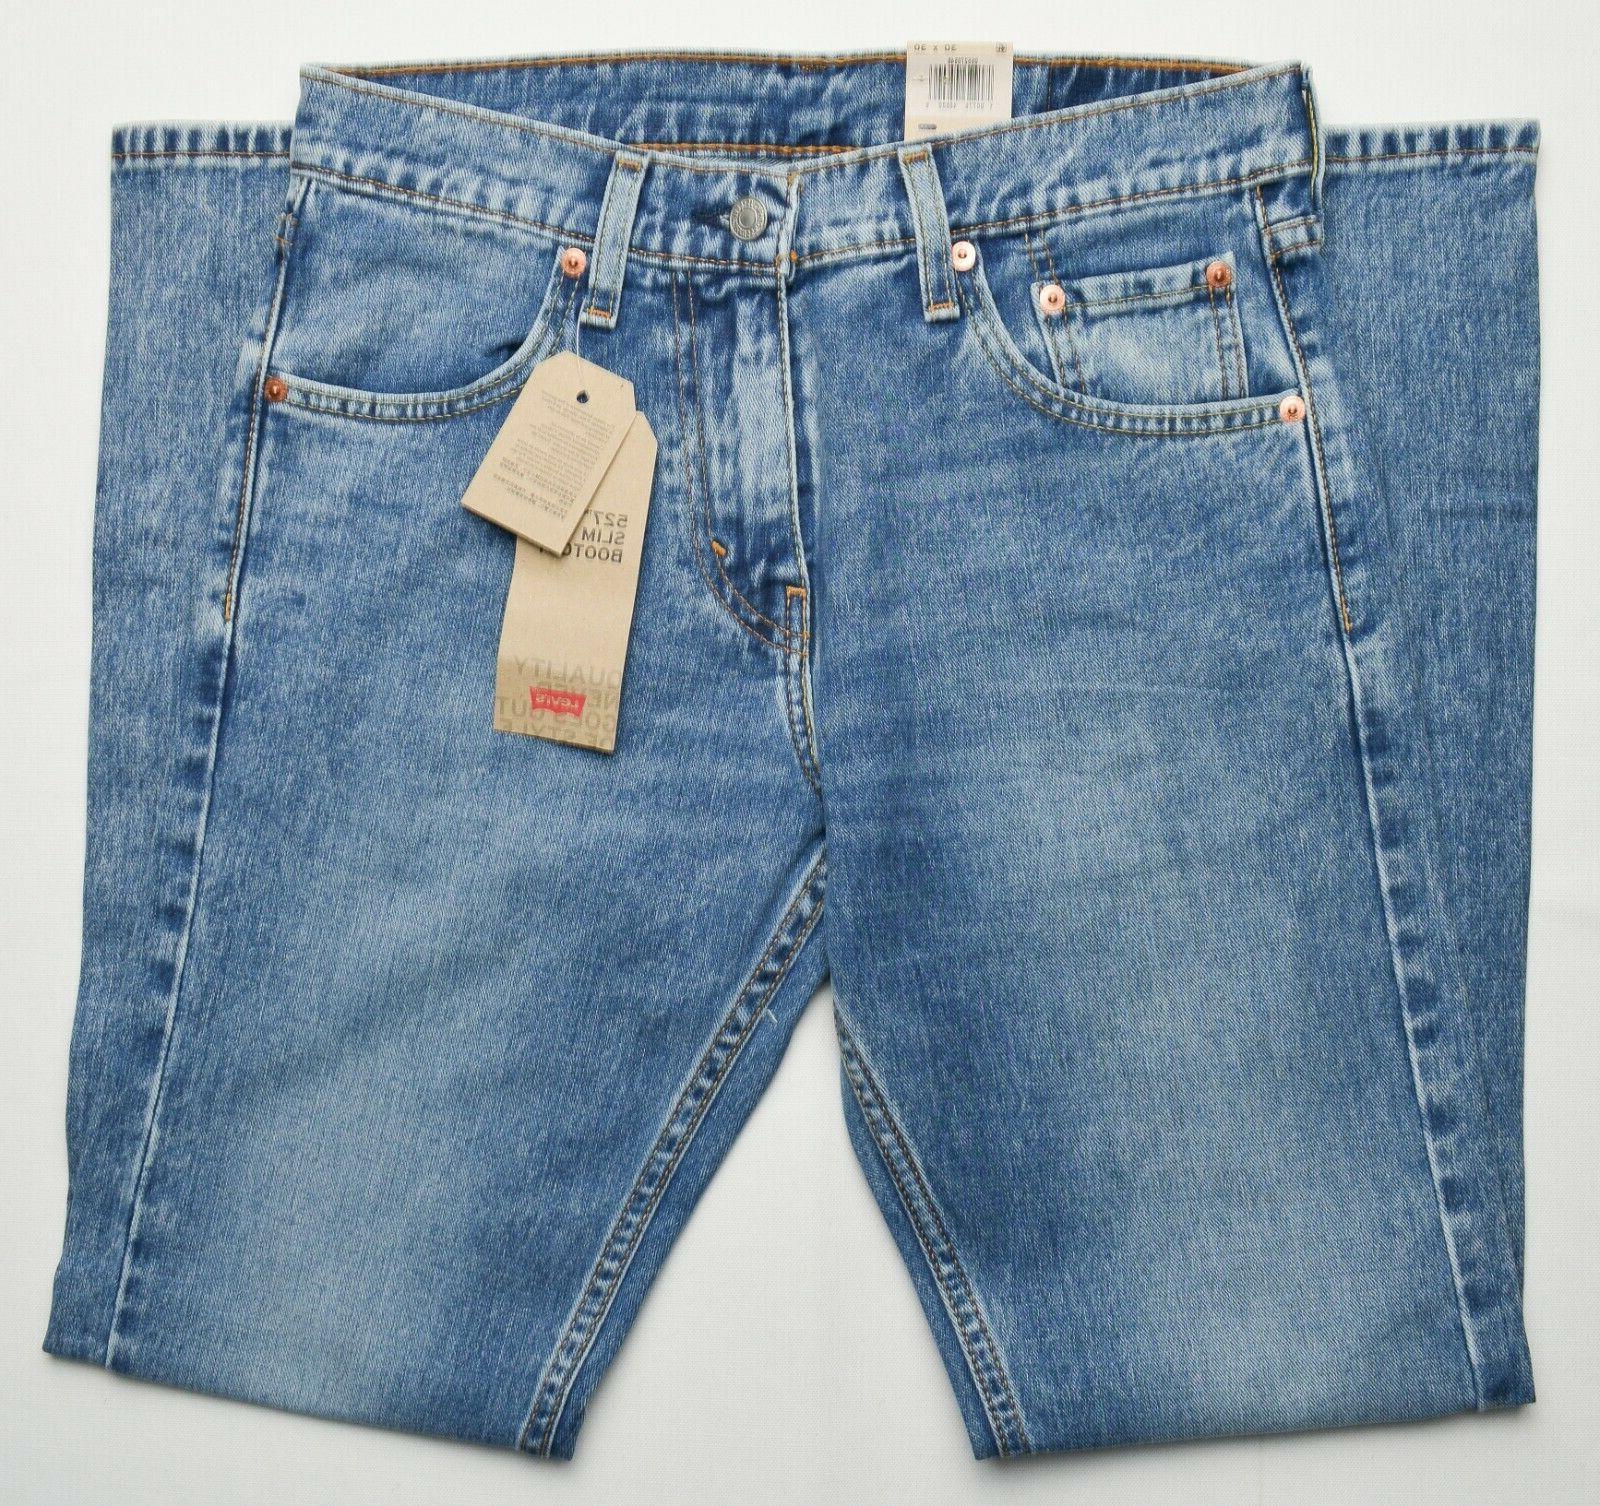 Levi's #8876 Men's 527 Slim Bootcut Jeans